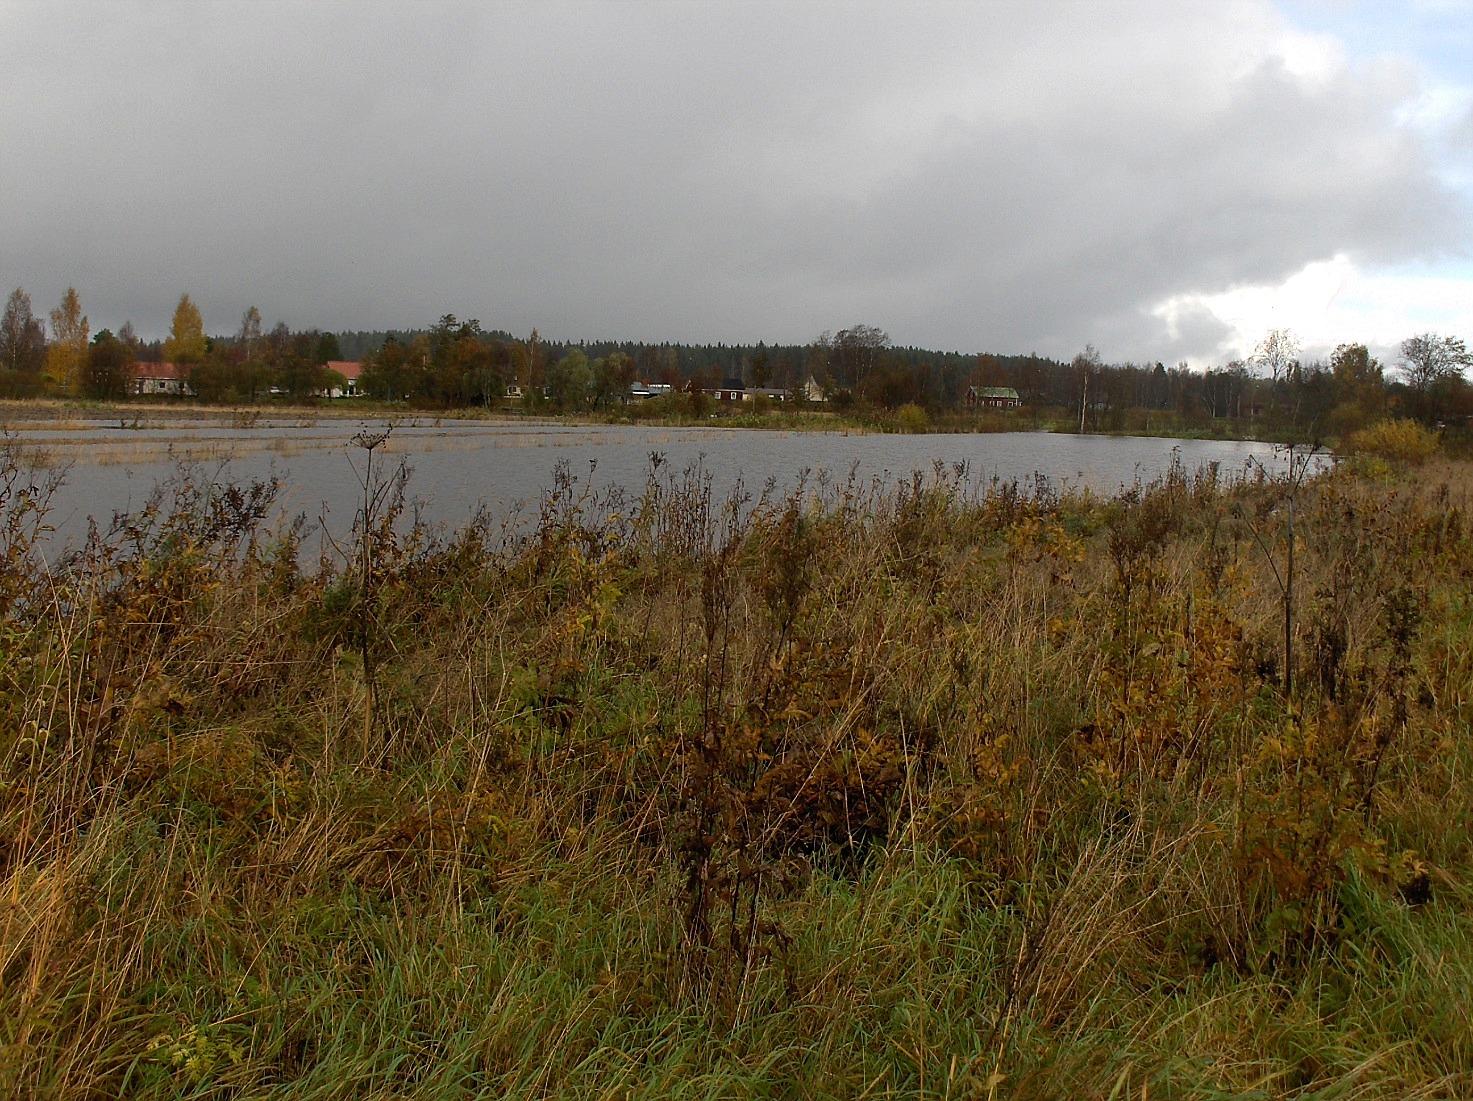 På grund av häftiga skyfall var åkrarna i Storsvedan översvämmade hösten 2012.